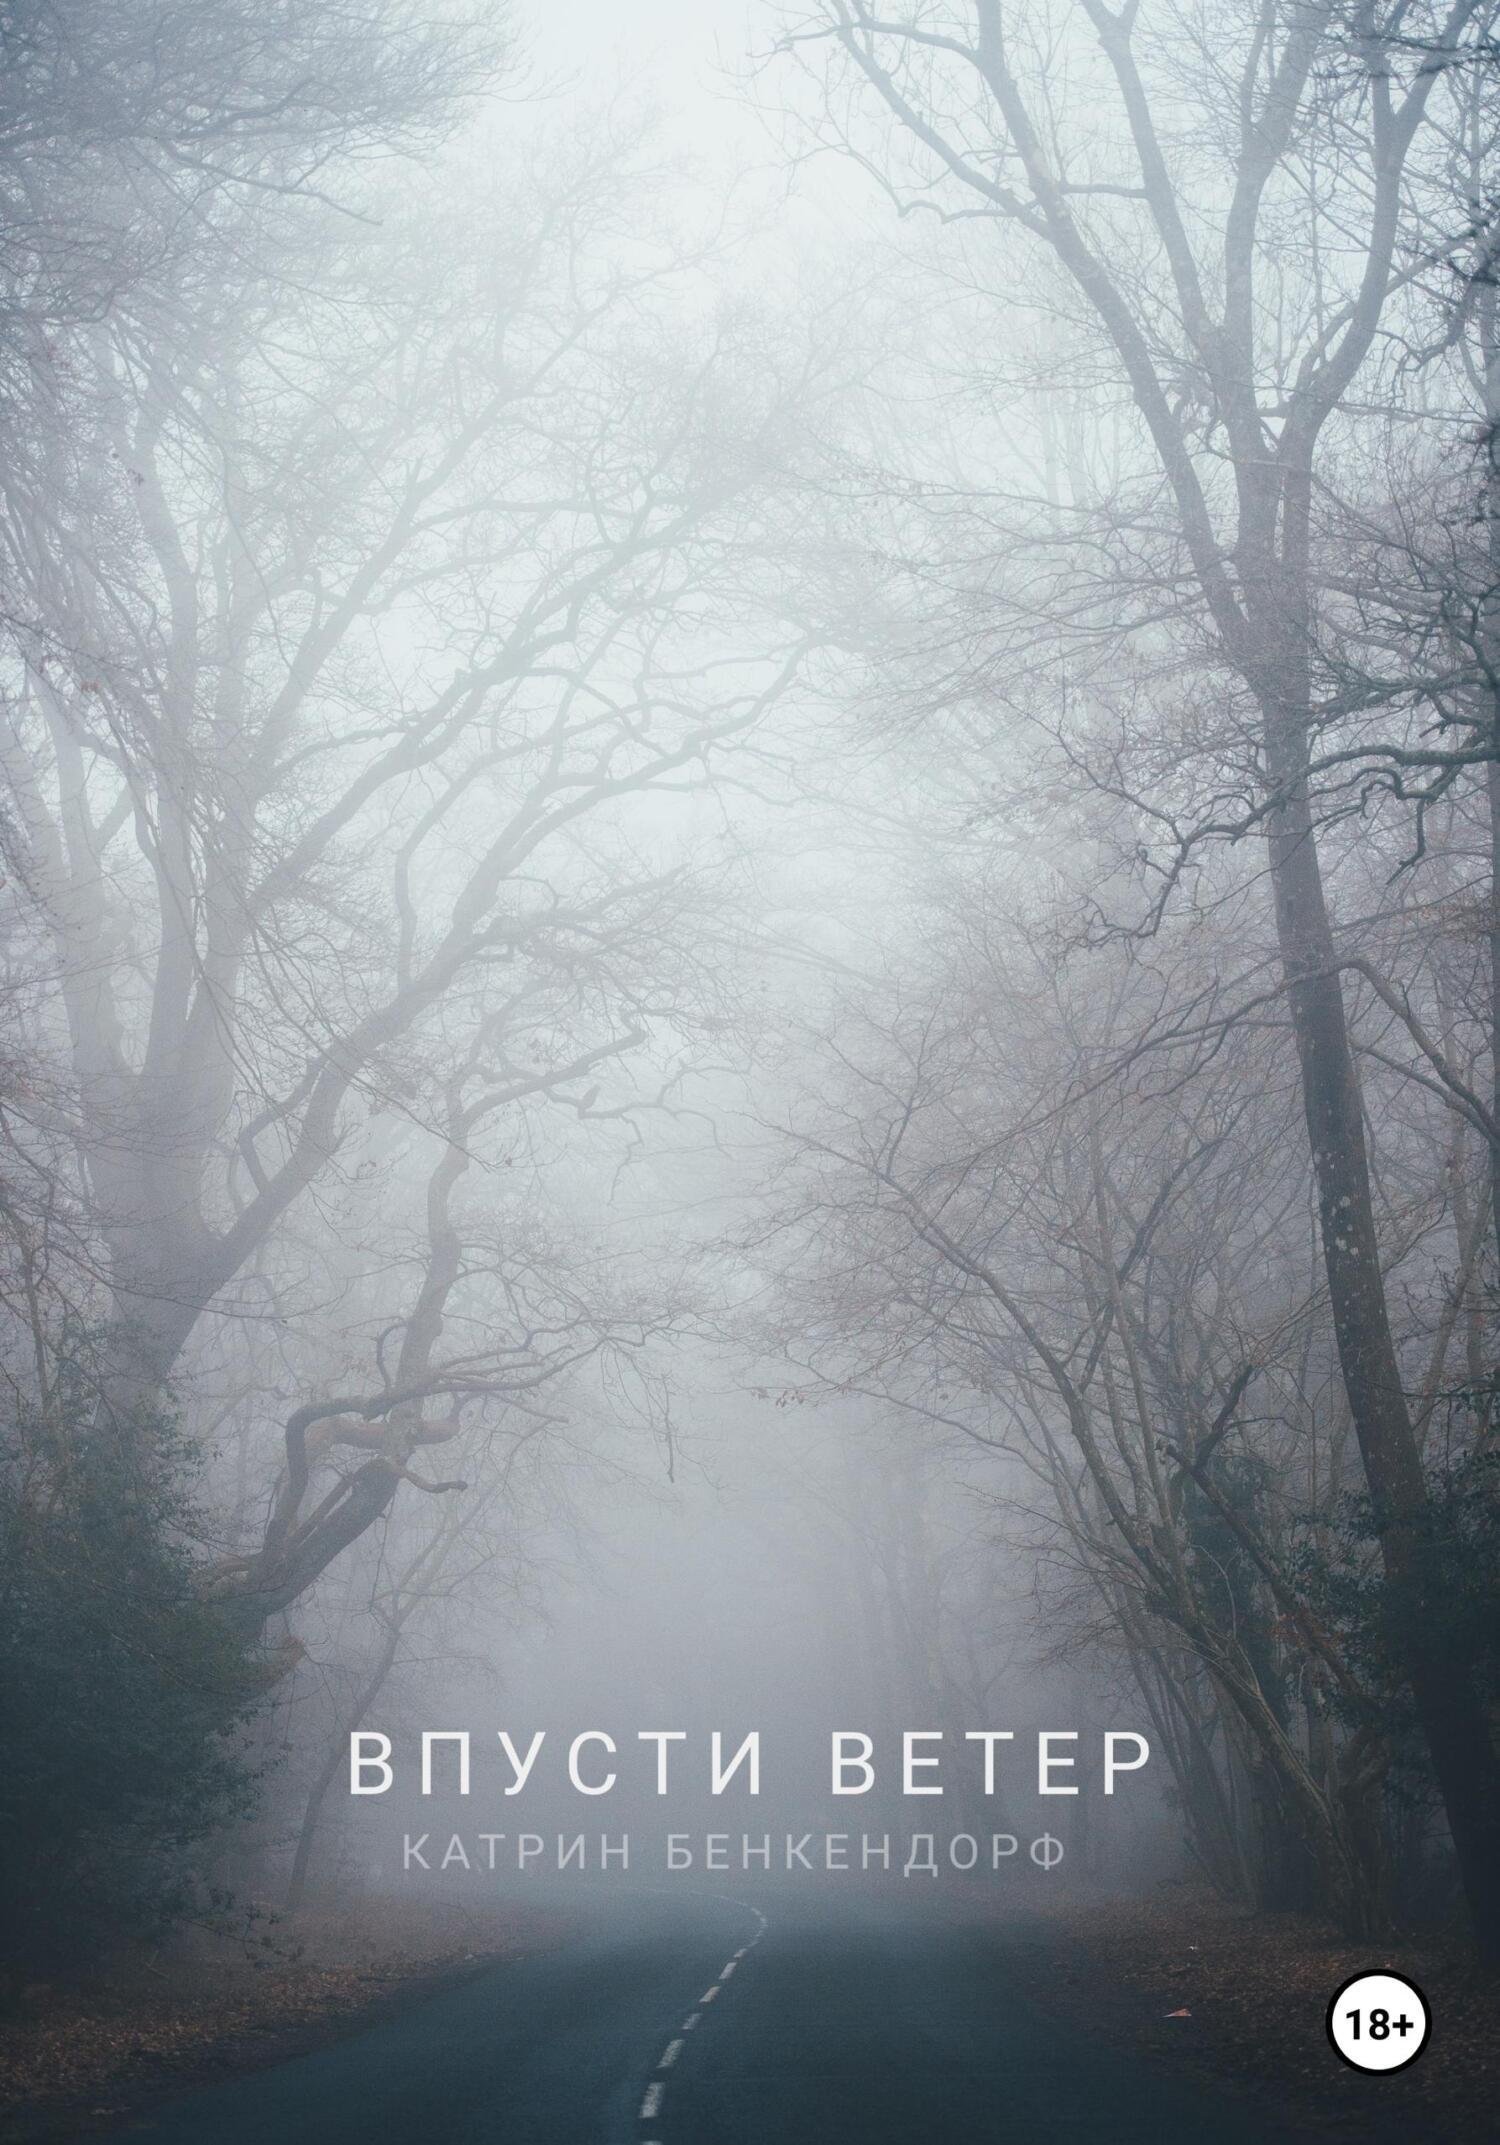 Катрин Бенкендорф Впусти ветер катрин бенкендорф сети